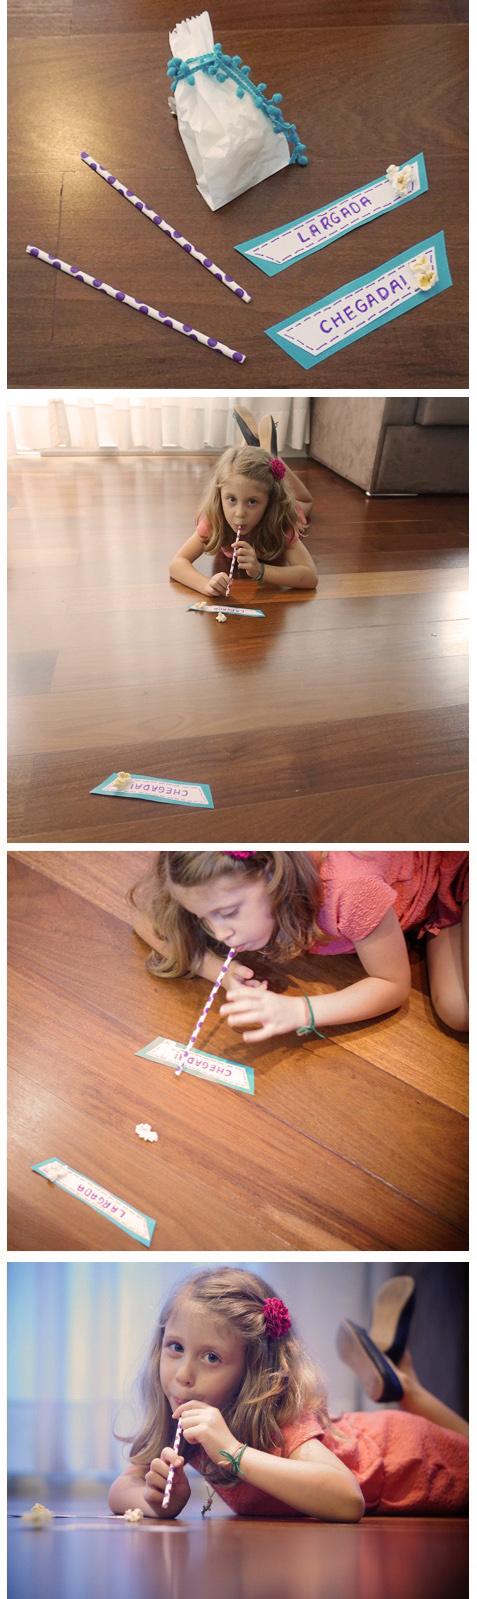 Corrida de pipoca, um idéia super bacana para brincar no improviso.